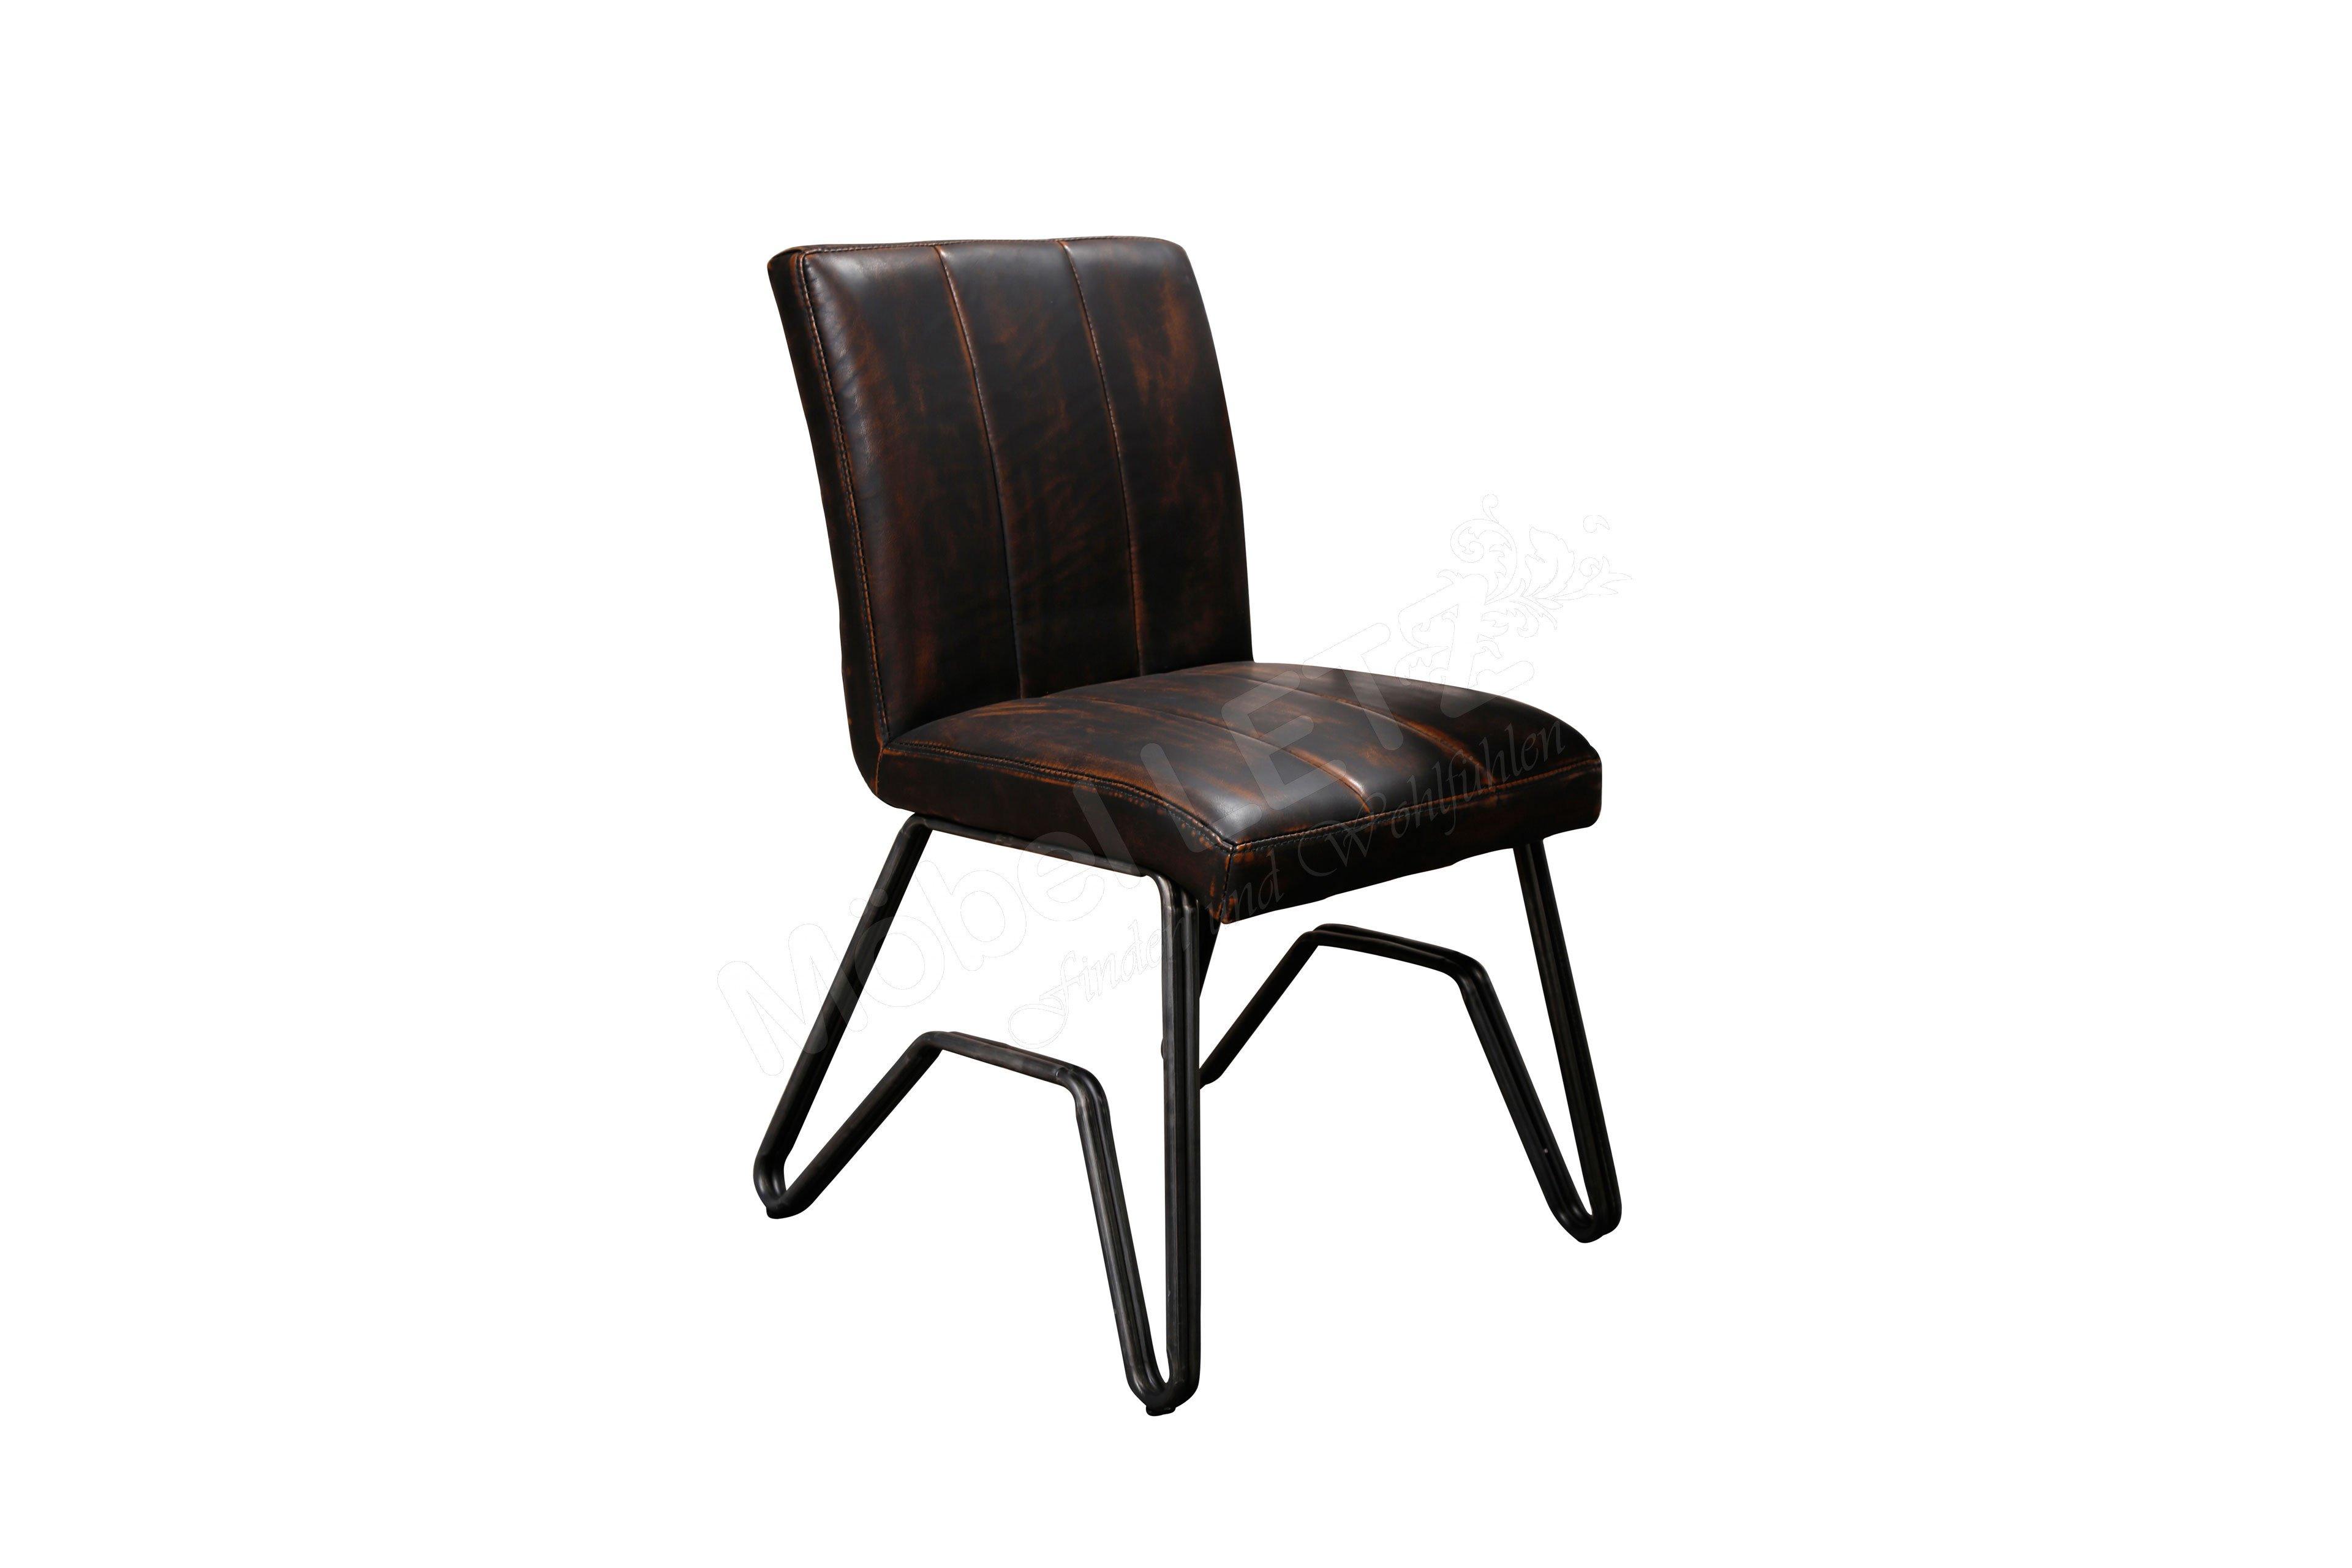 Thorge von Zijlstra - Stuhl Kunstleder/ Doppel-W-Gestell